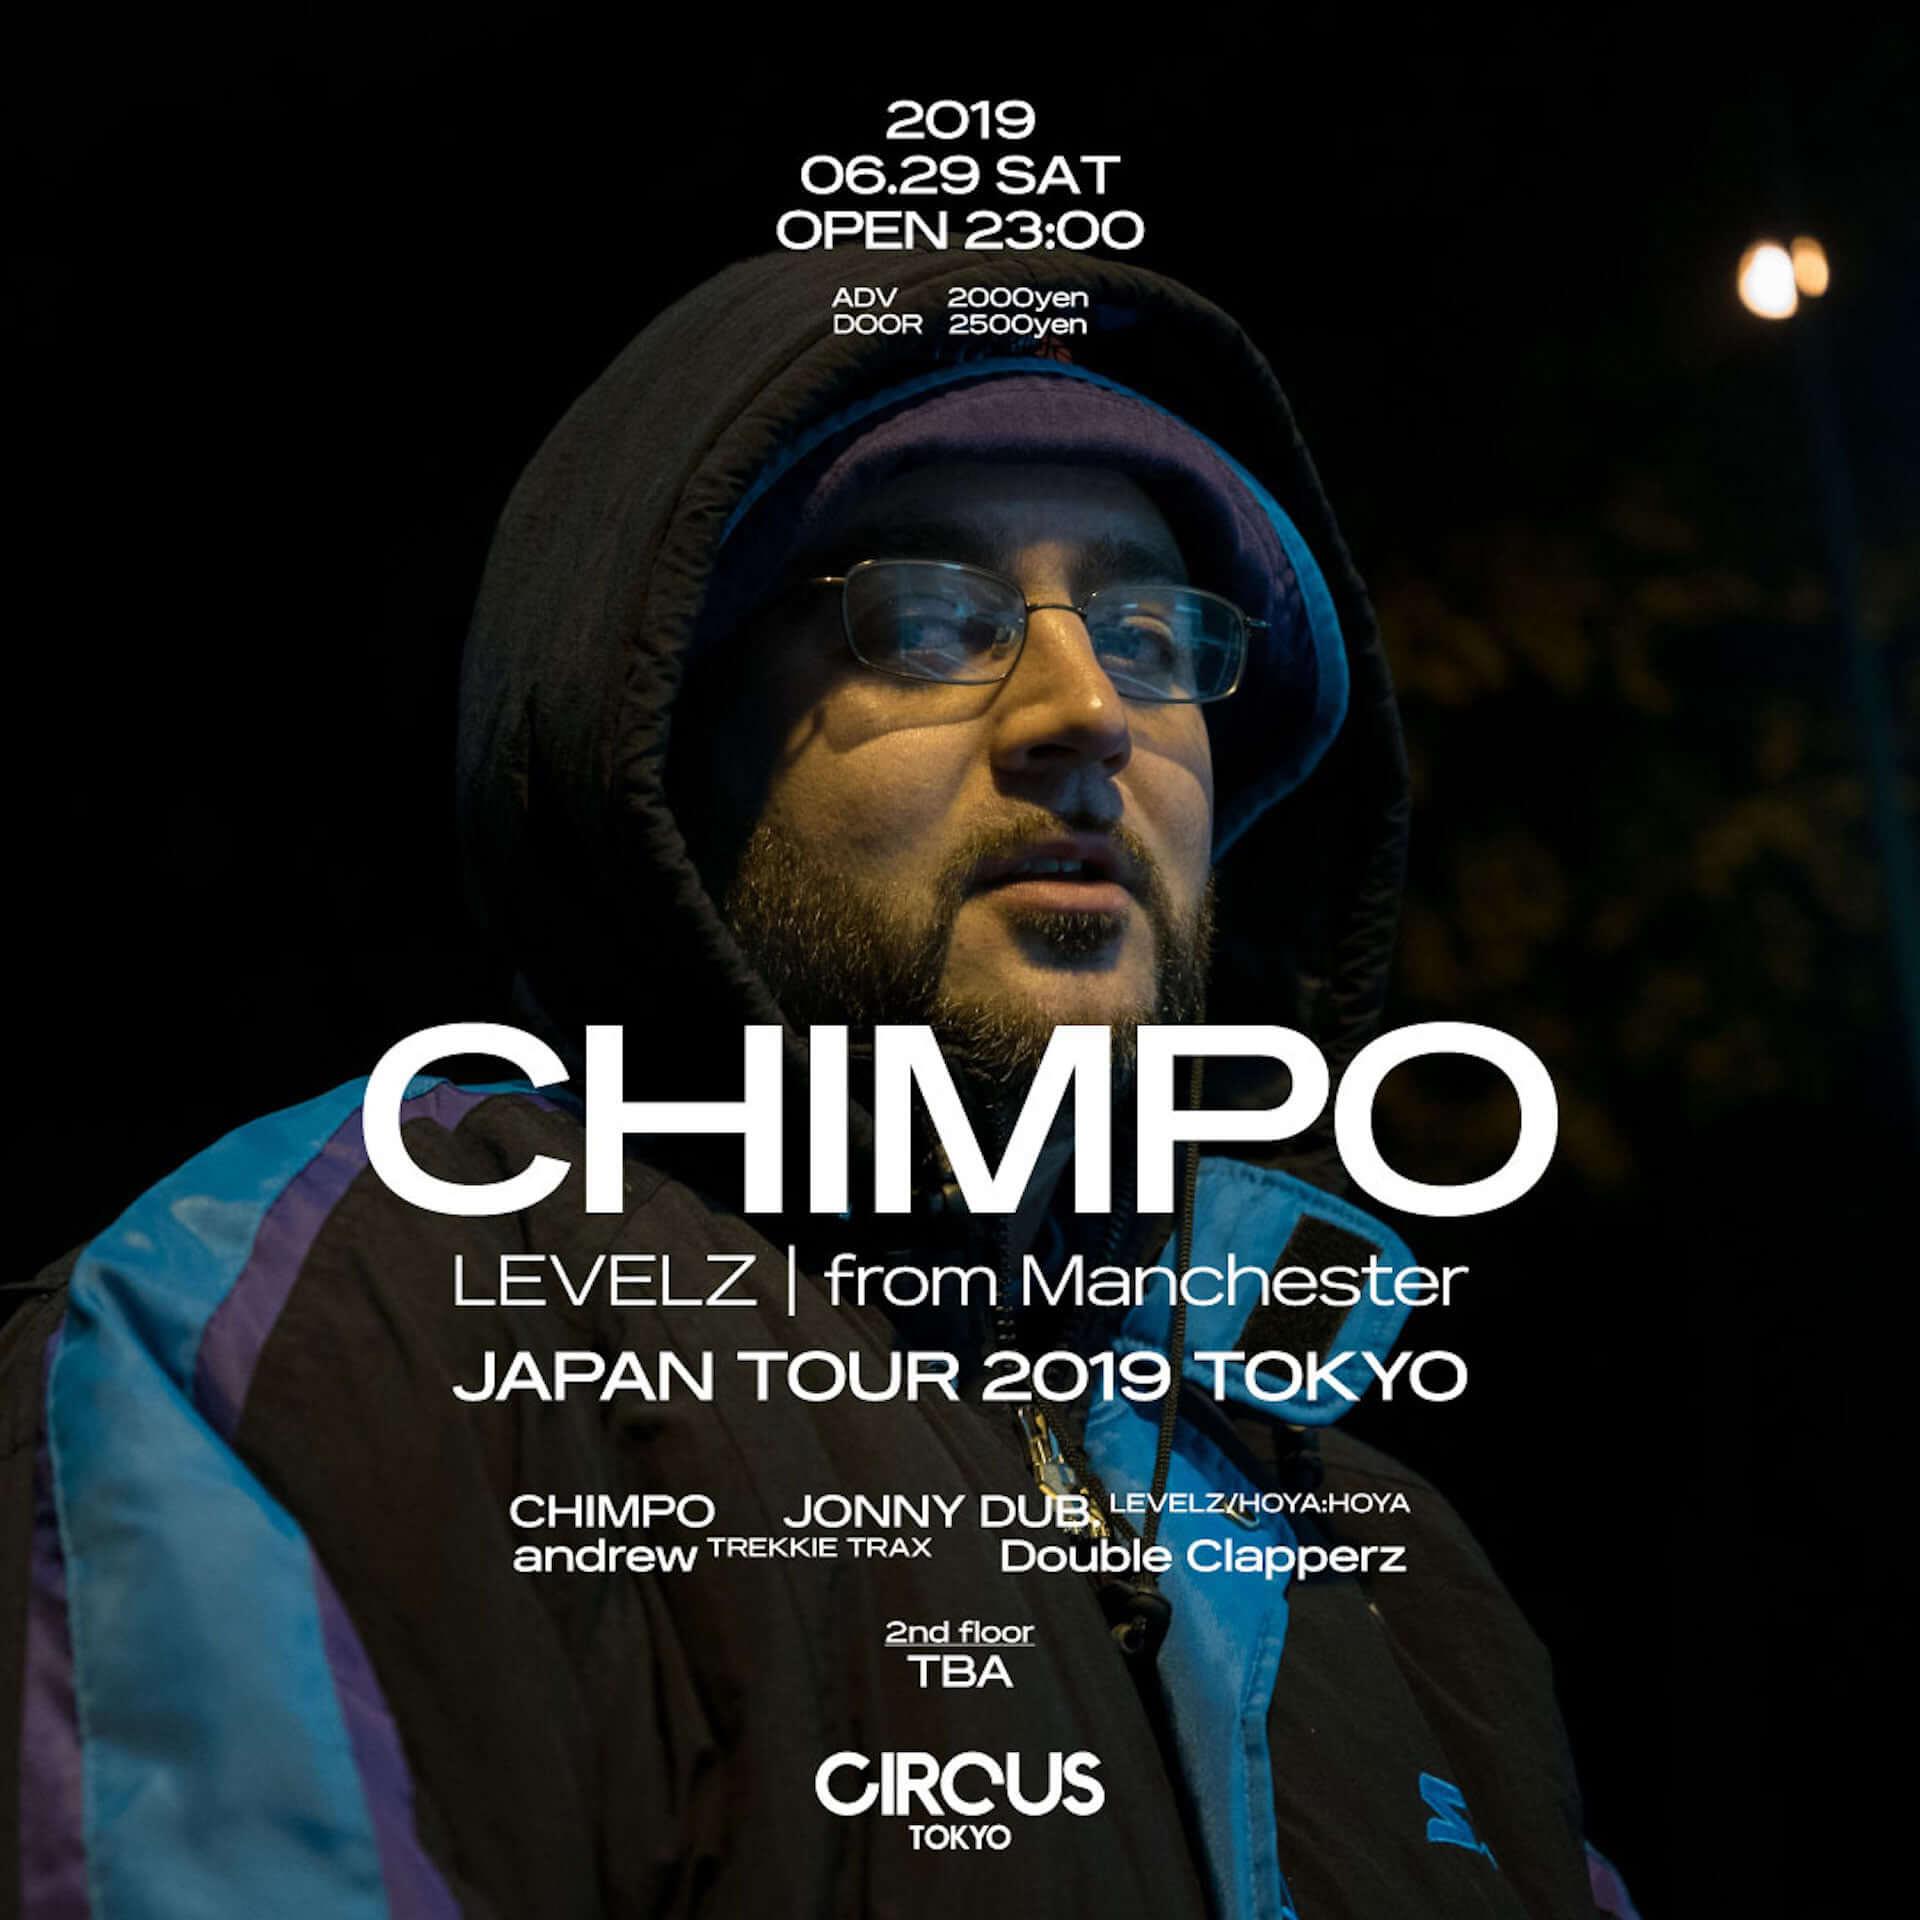 マンチェスターのベース・ミュージック・シーン筆頭LVLZの中心人物、CHIMPOが今週末CIRCUSに登場 music190628_lvlz_chimpo_2-1920x1920